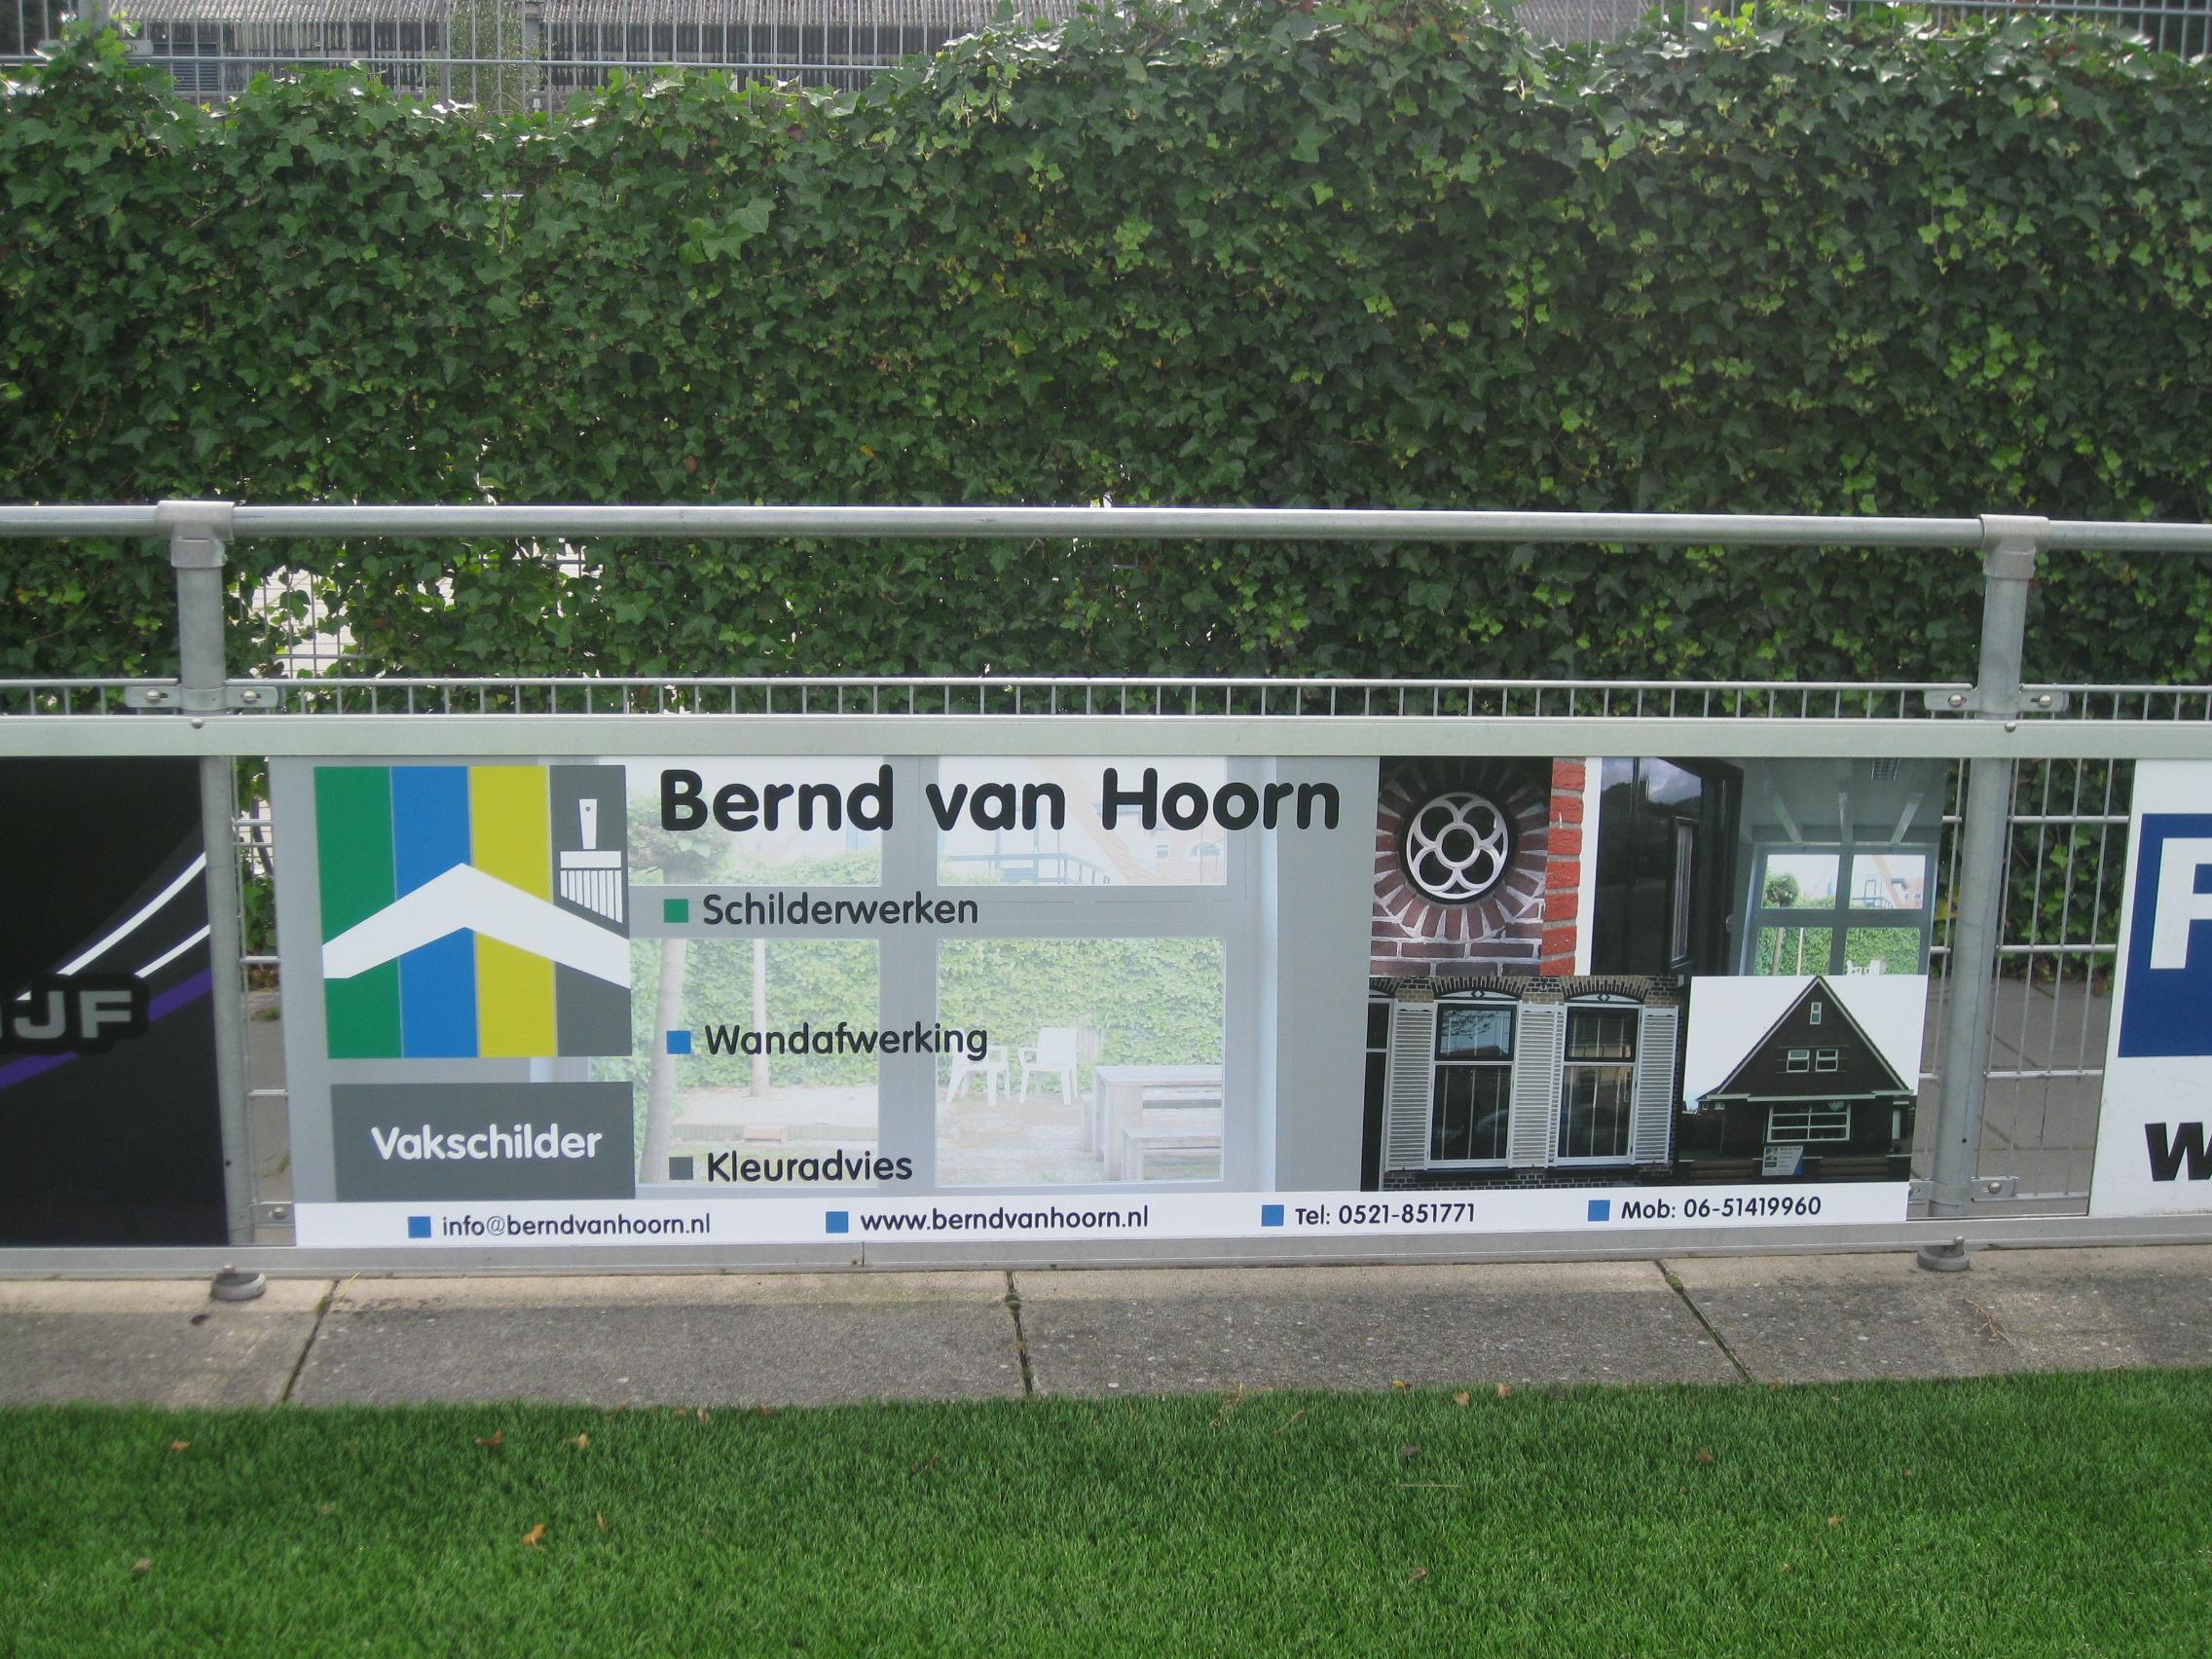 Nieuwe bordsponsor : Bernd van Hoorn